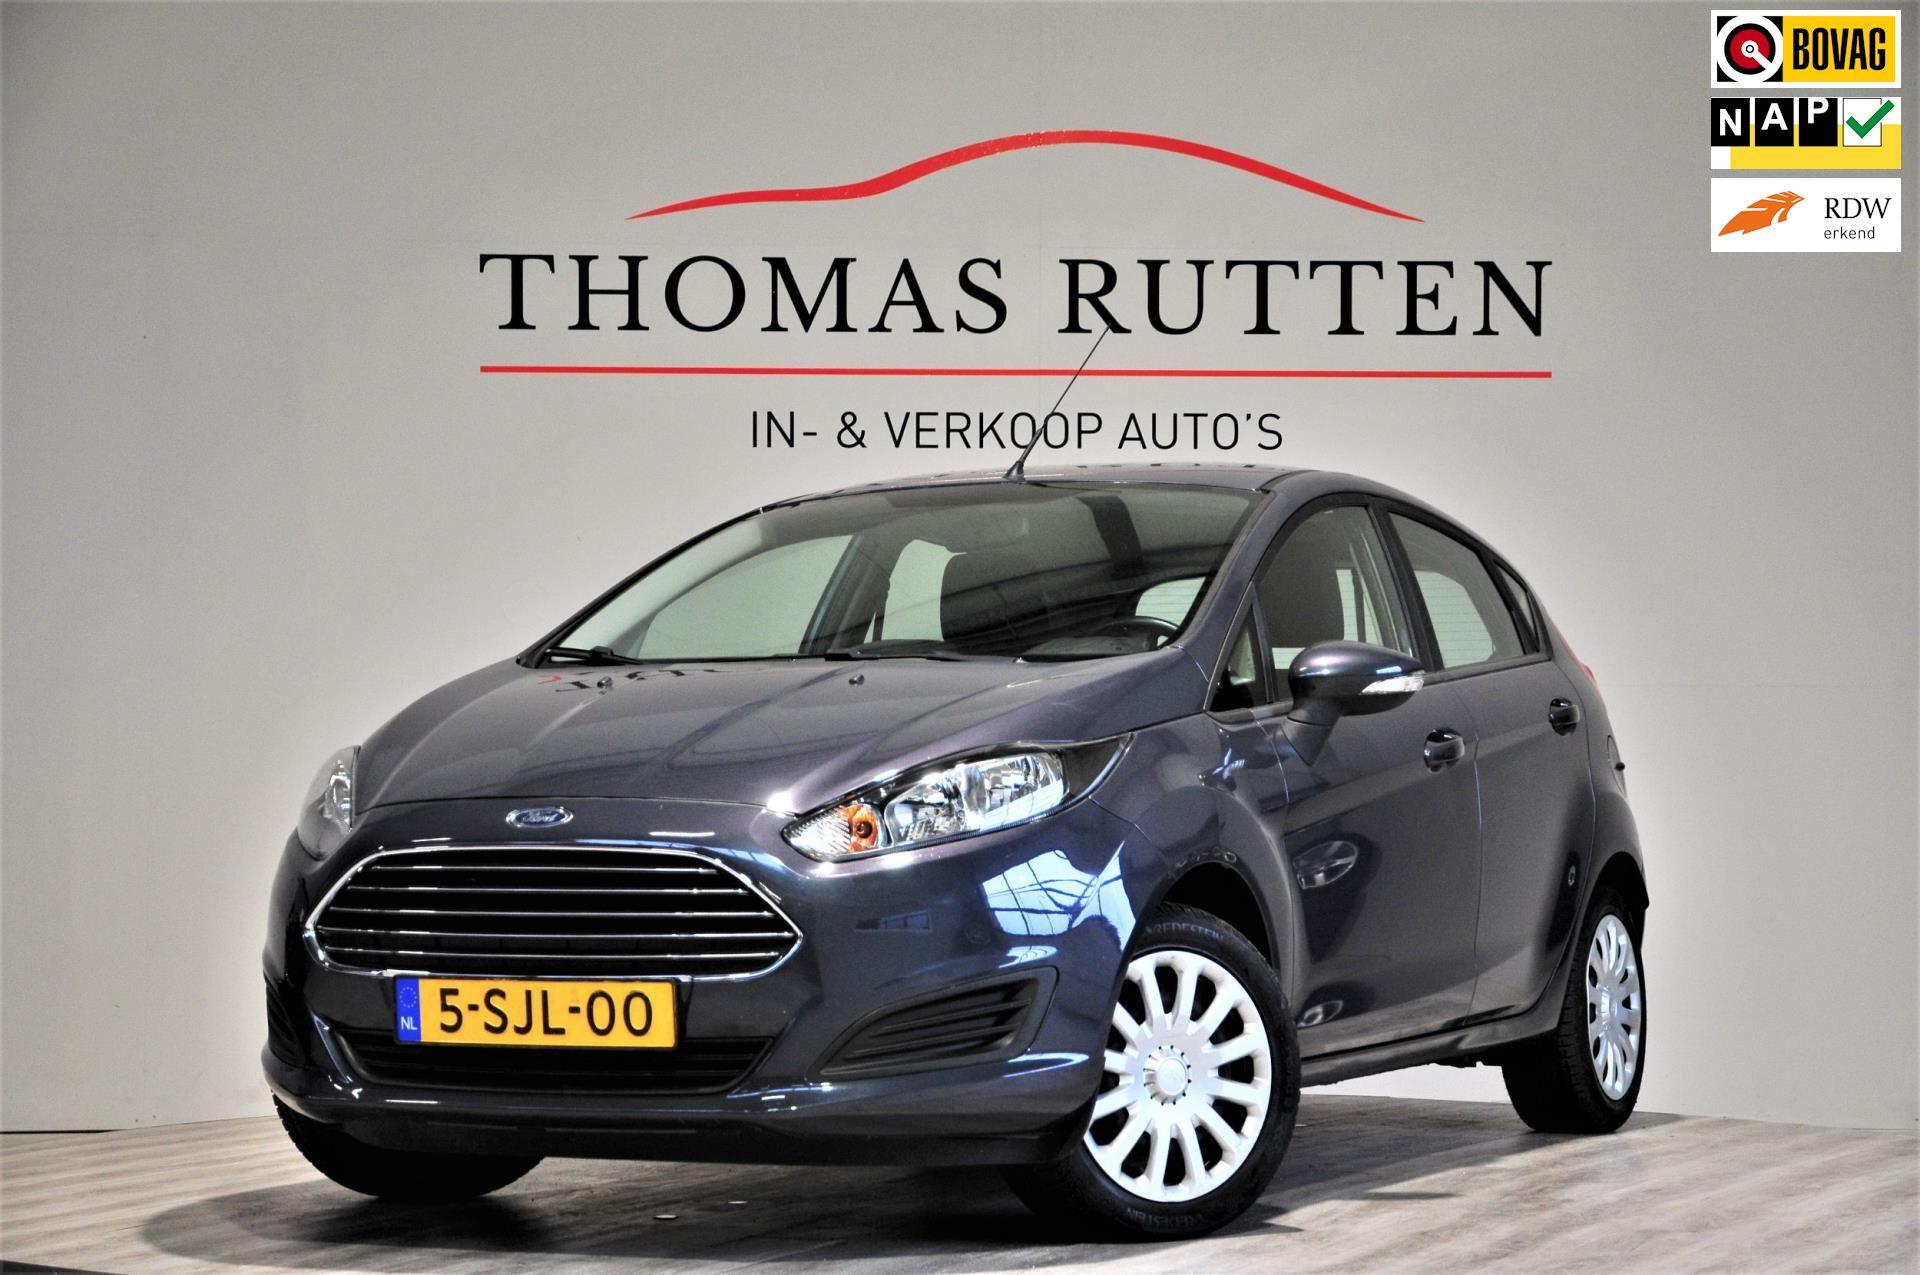 Ford Fiesta occasion - Autobedrijf Thomas Rutten